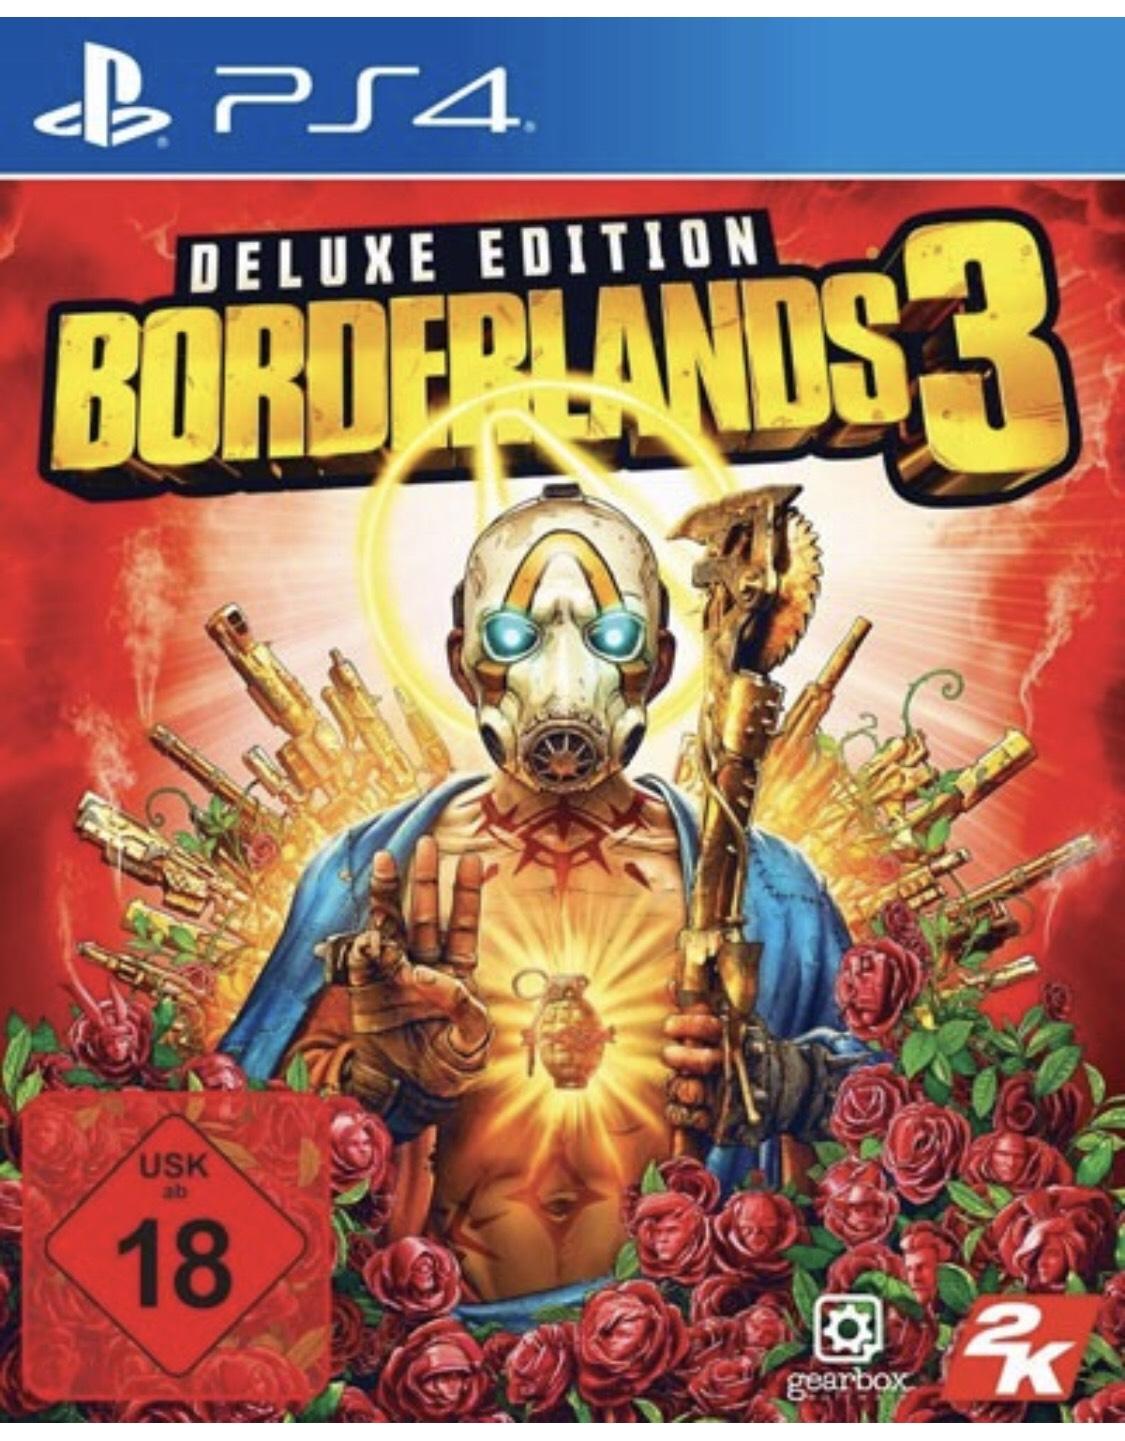 [rakuten.de/Masterpass] Borderlands 3 Deluxe Edition (PS4)-Vorbestellung